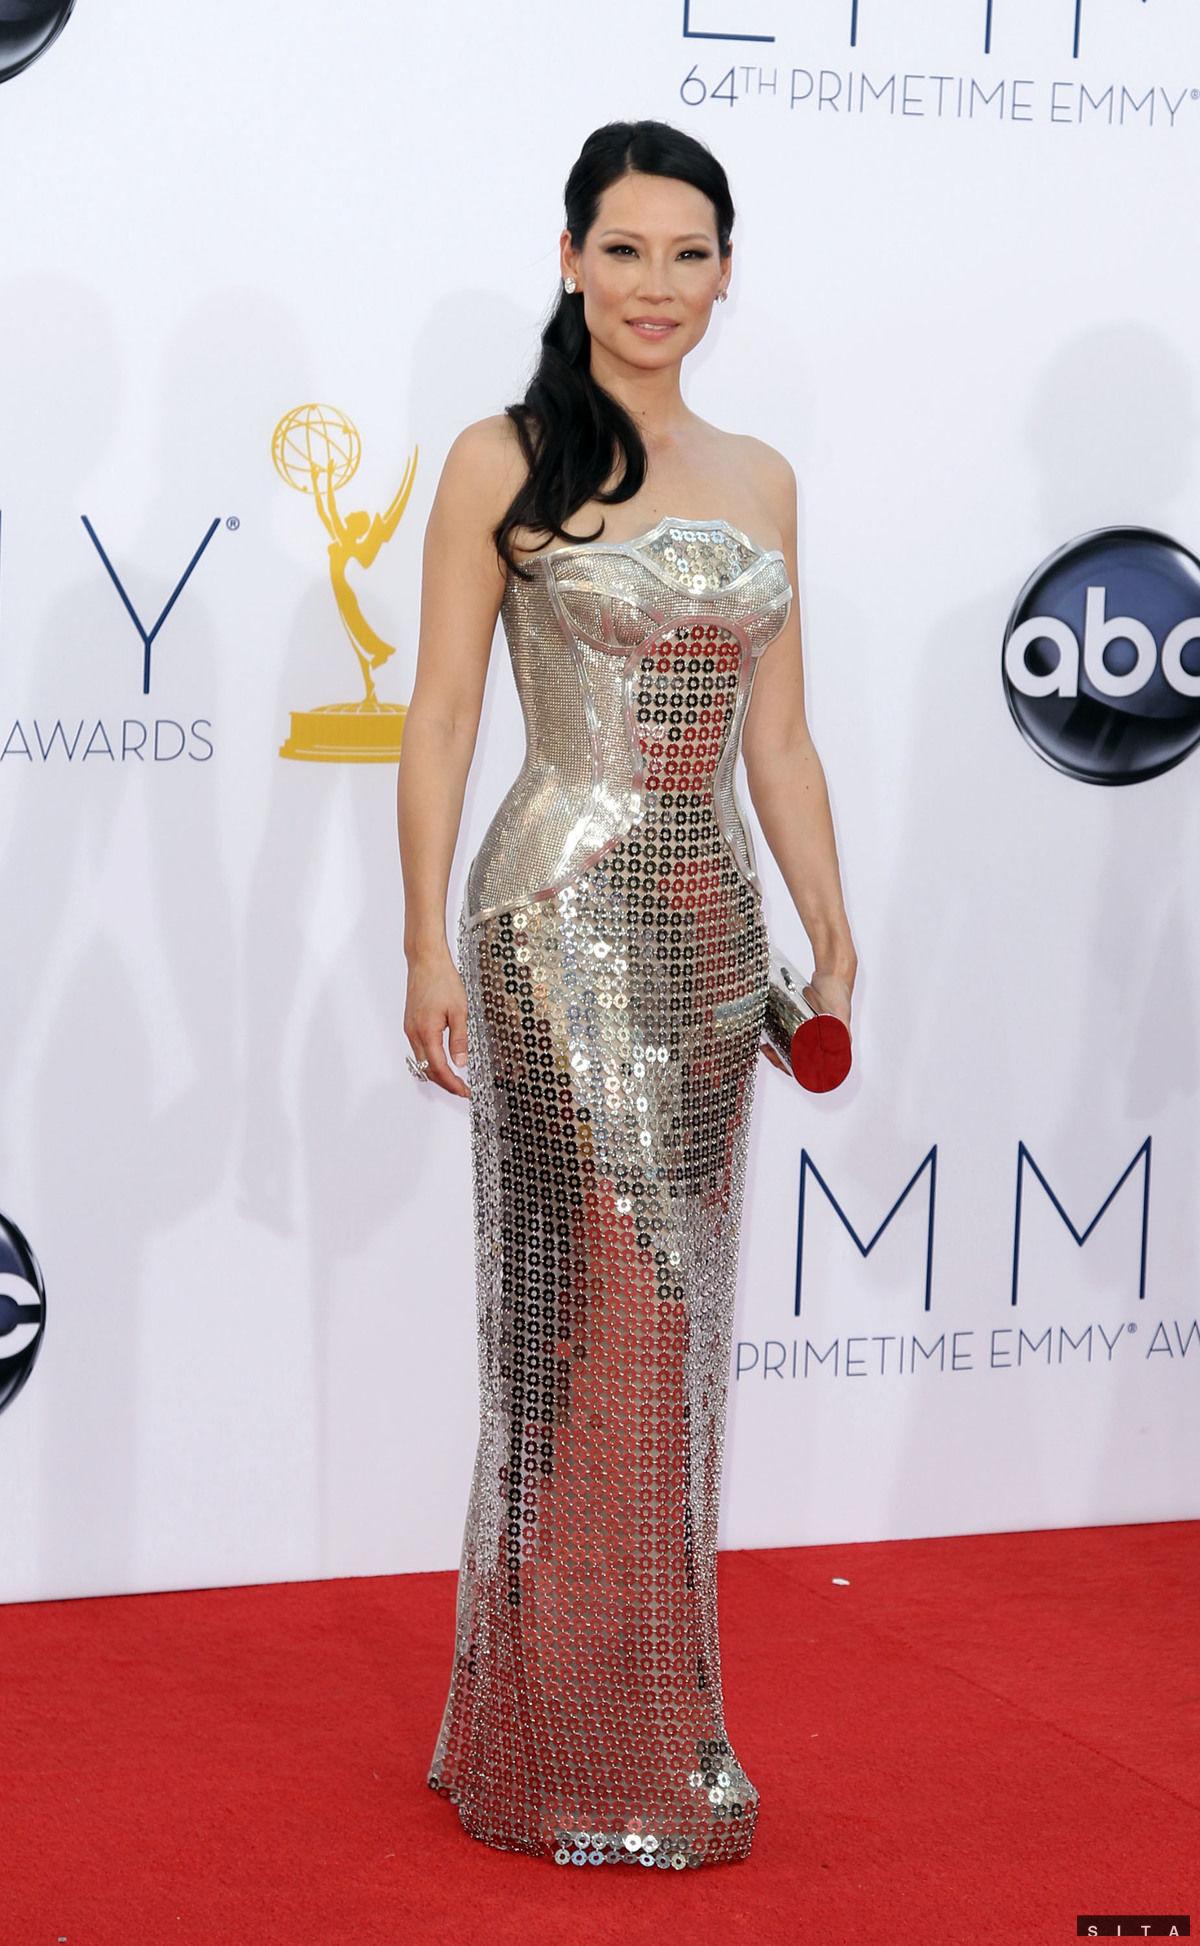 Sexi siréna večera - herečka Lucy Liu v róbe od Versace.